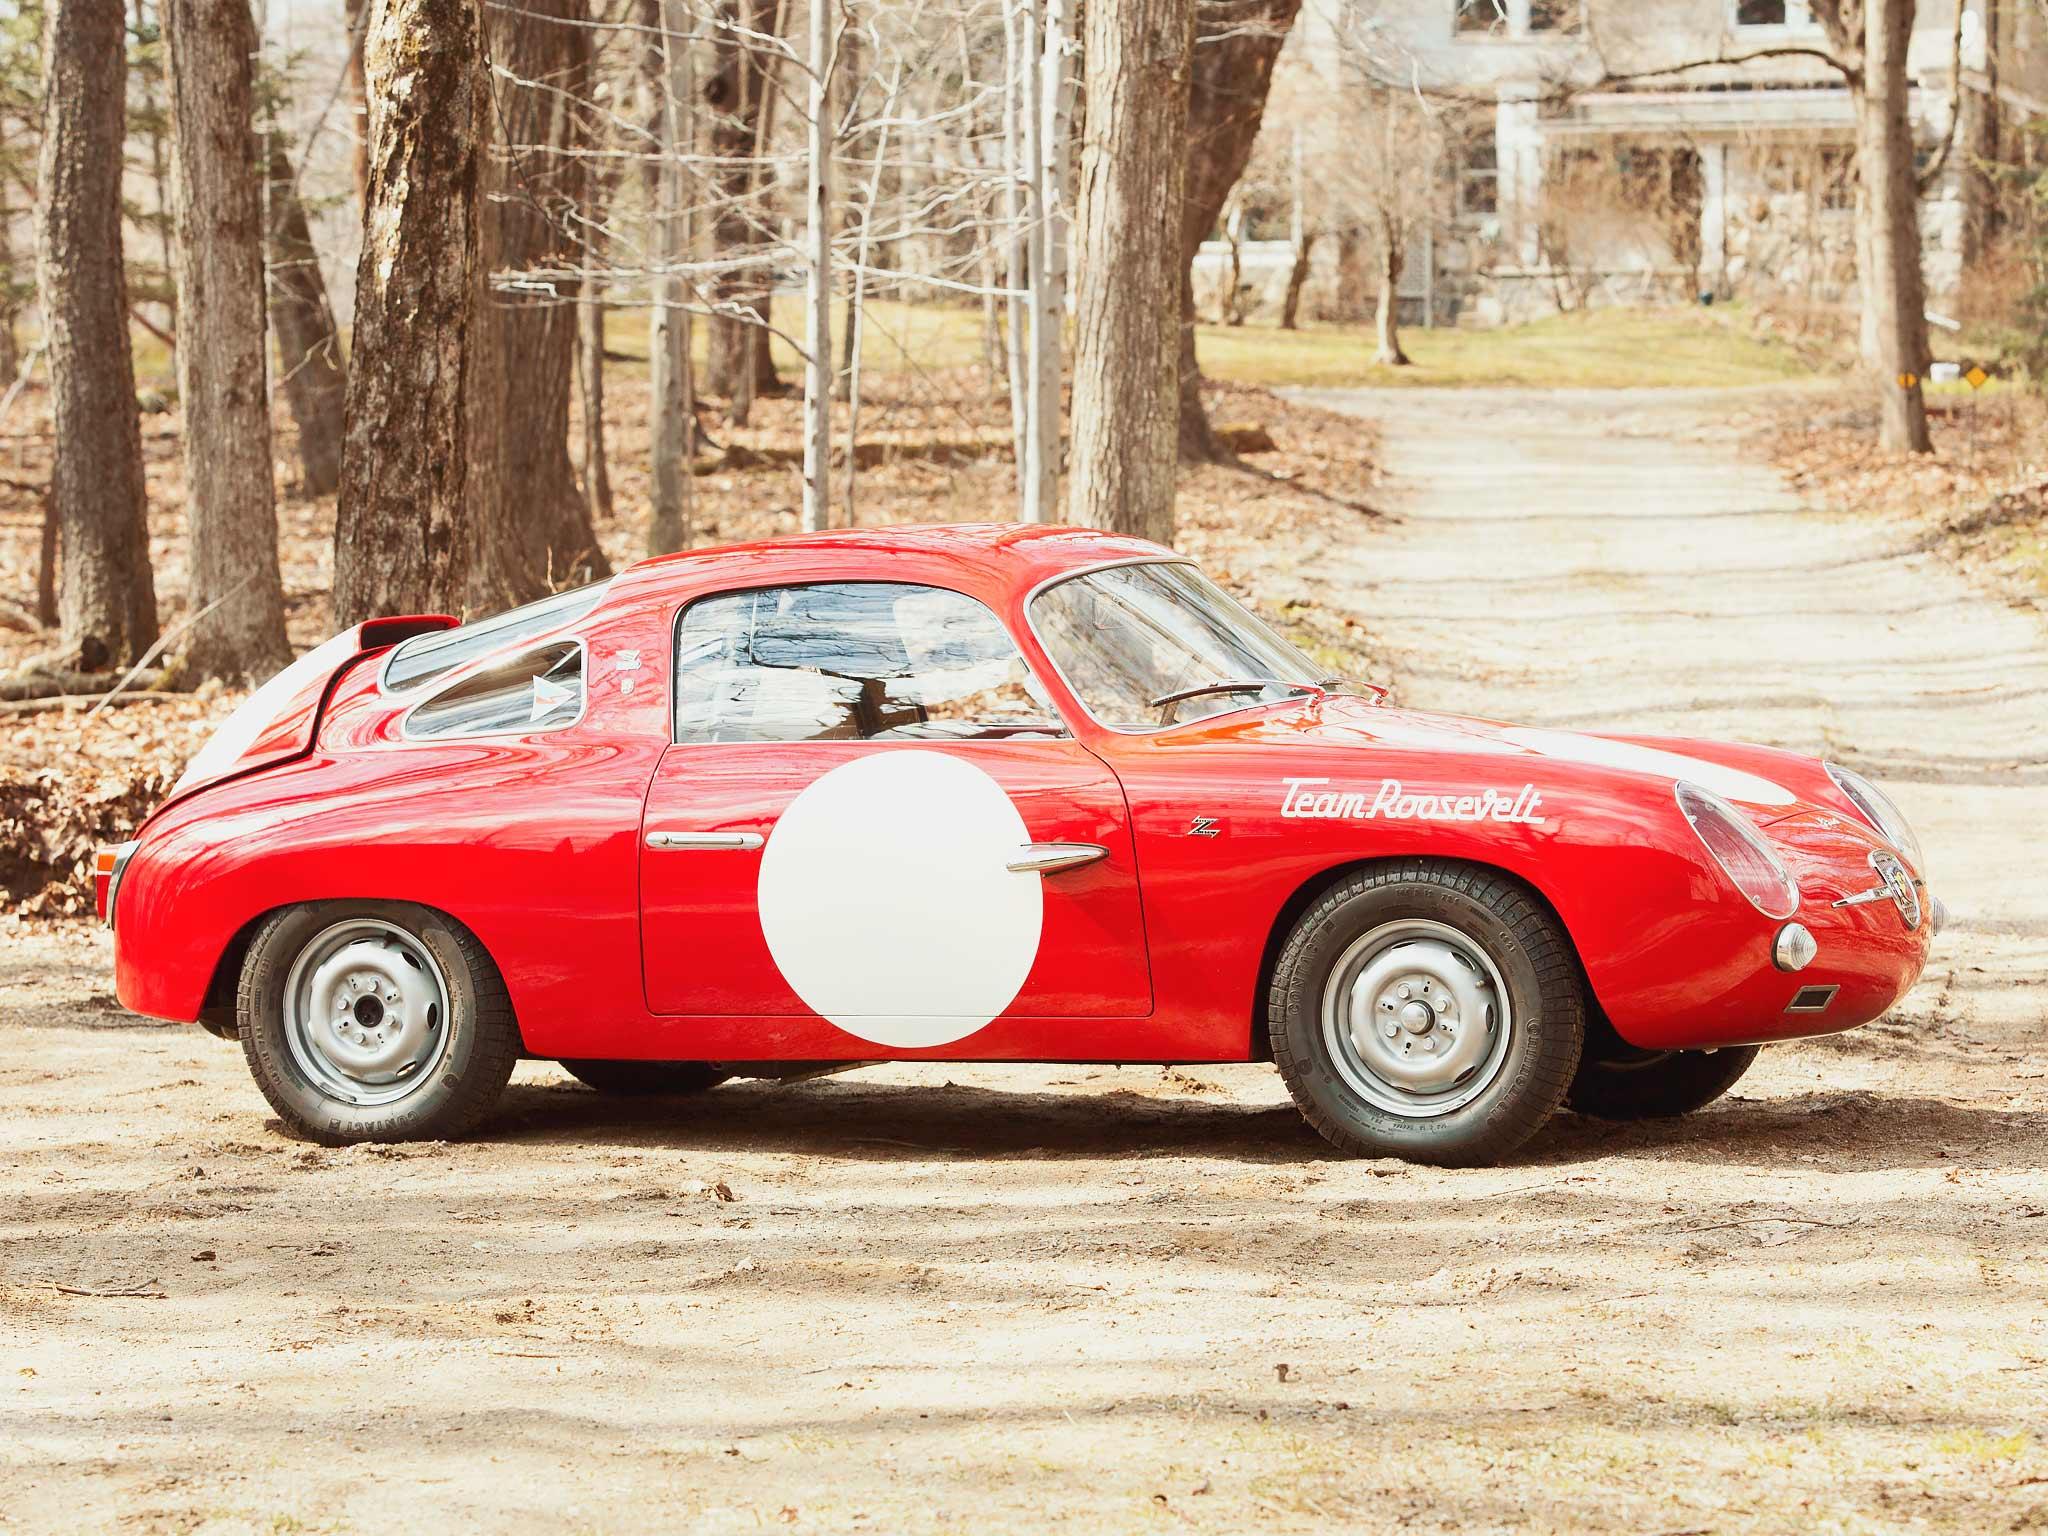 1958 Fiat Abarth 750 Record Monza